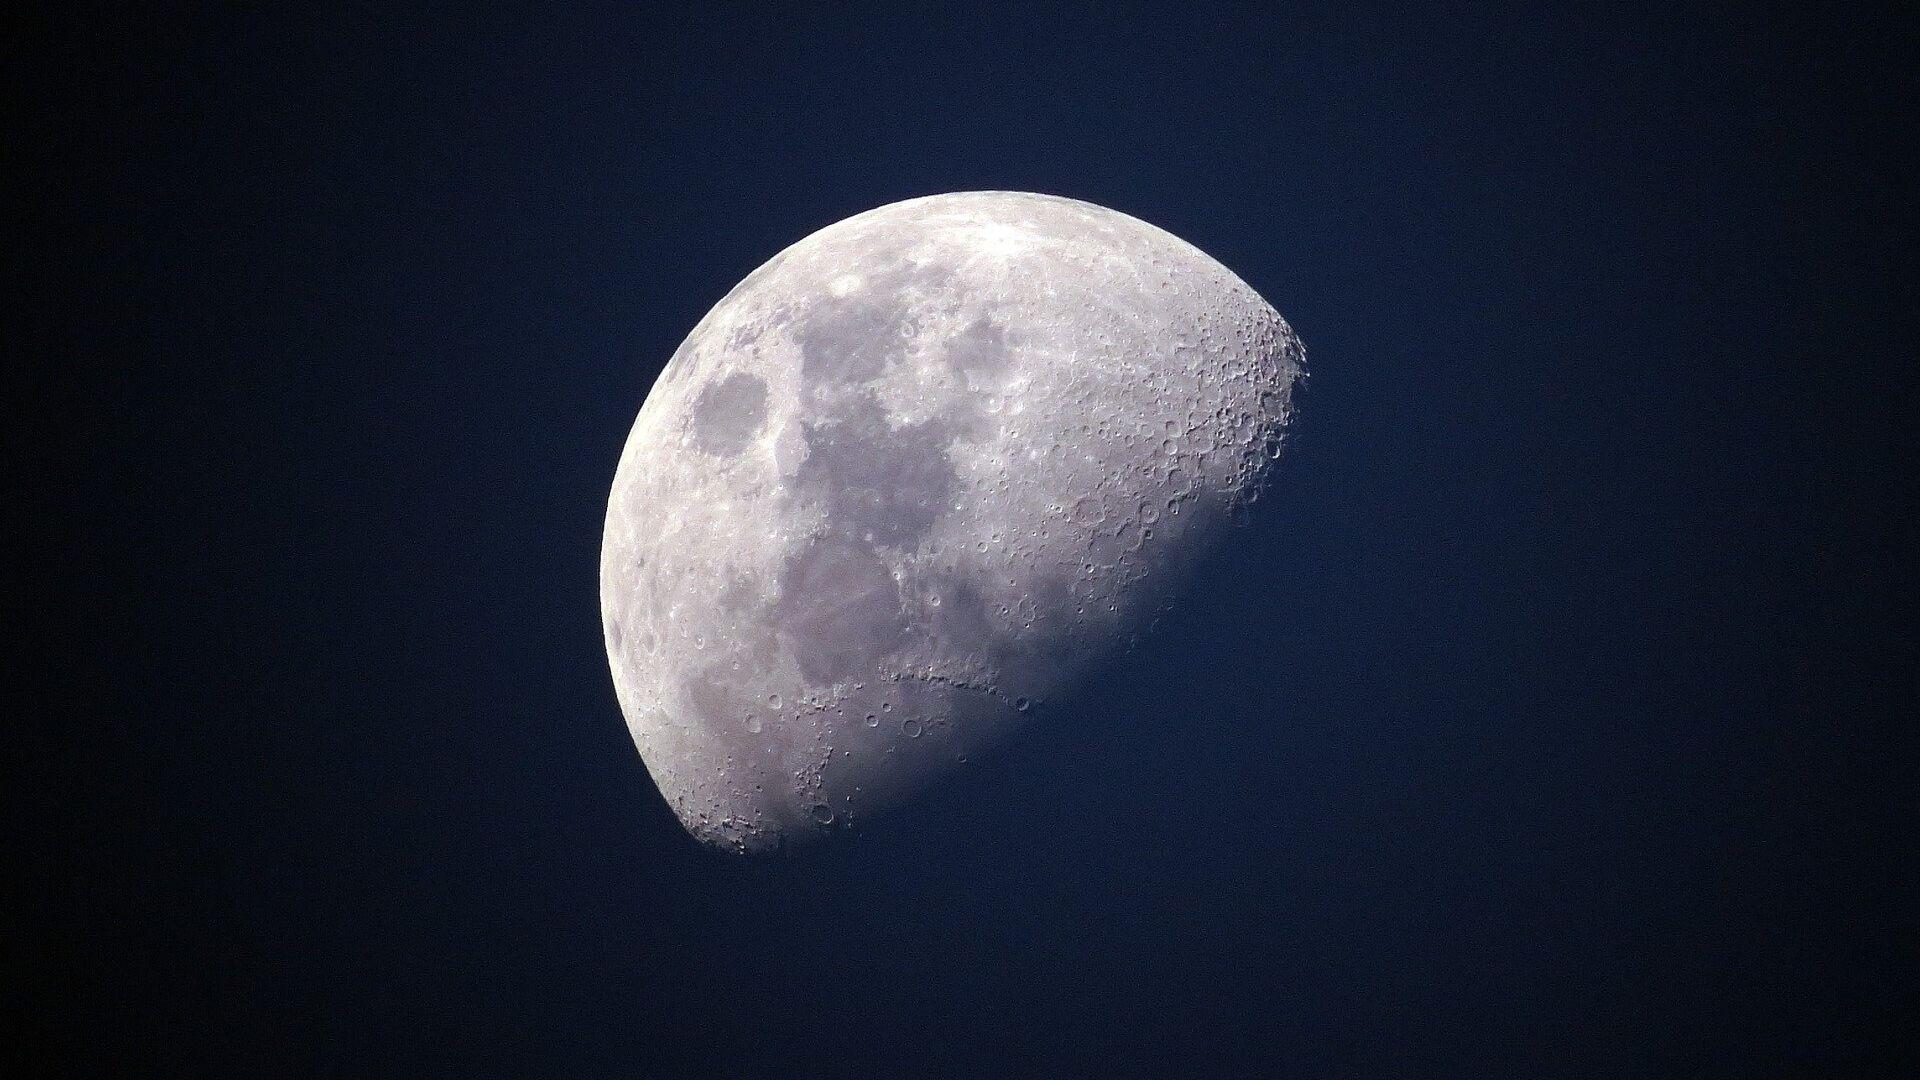 La Luna - Sputnik Mundo, 1920, 12.04.2021